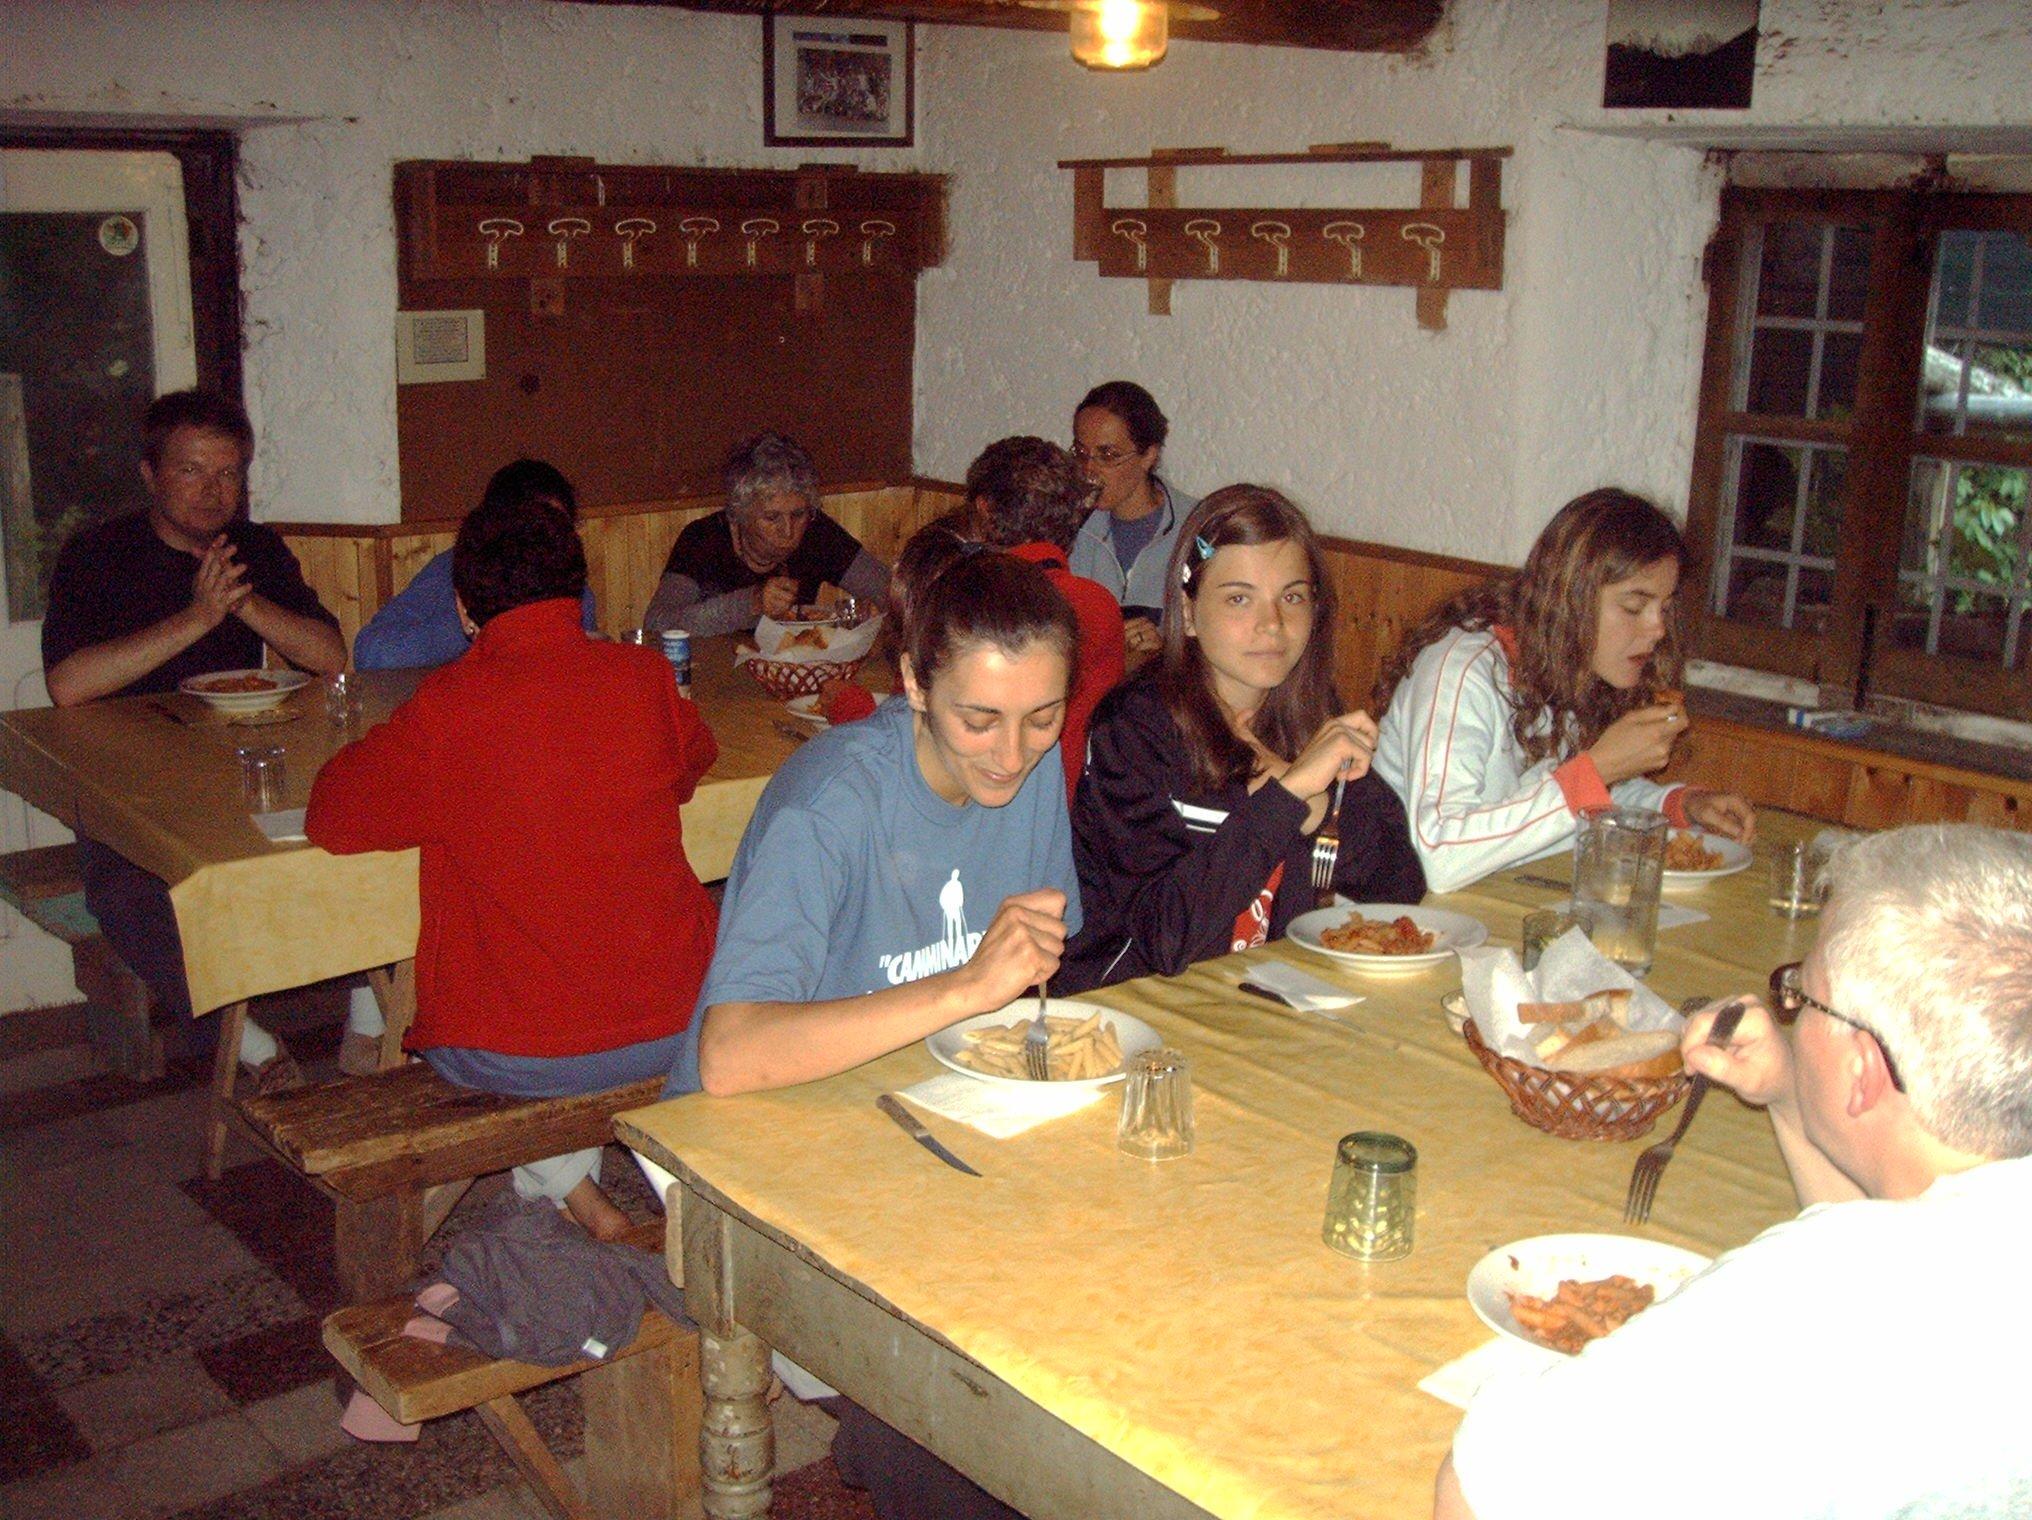 cena-rifugio-la-quiete-apuane